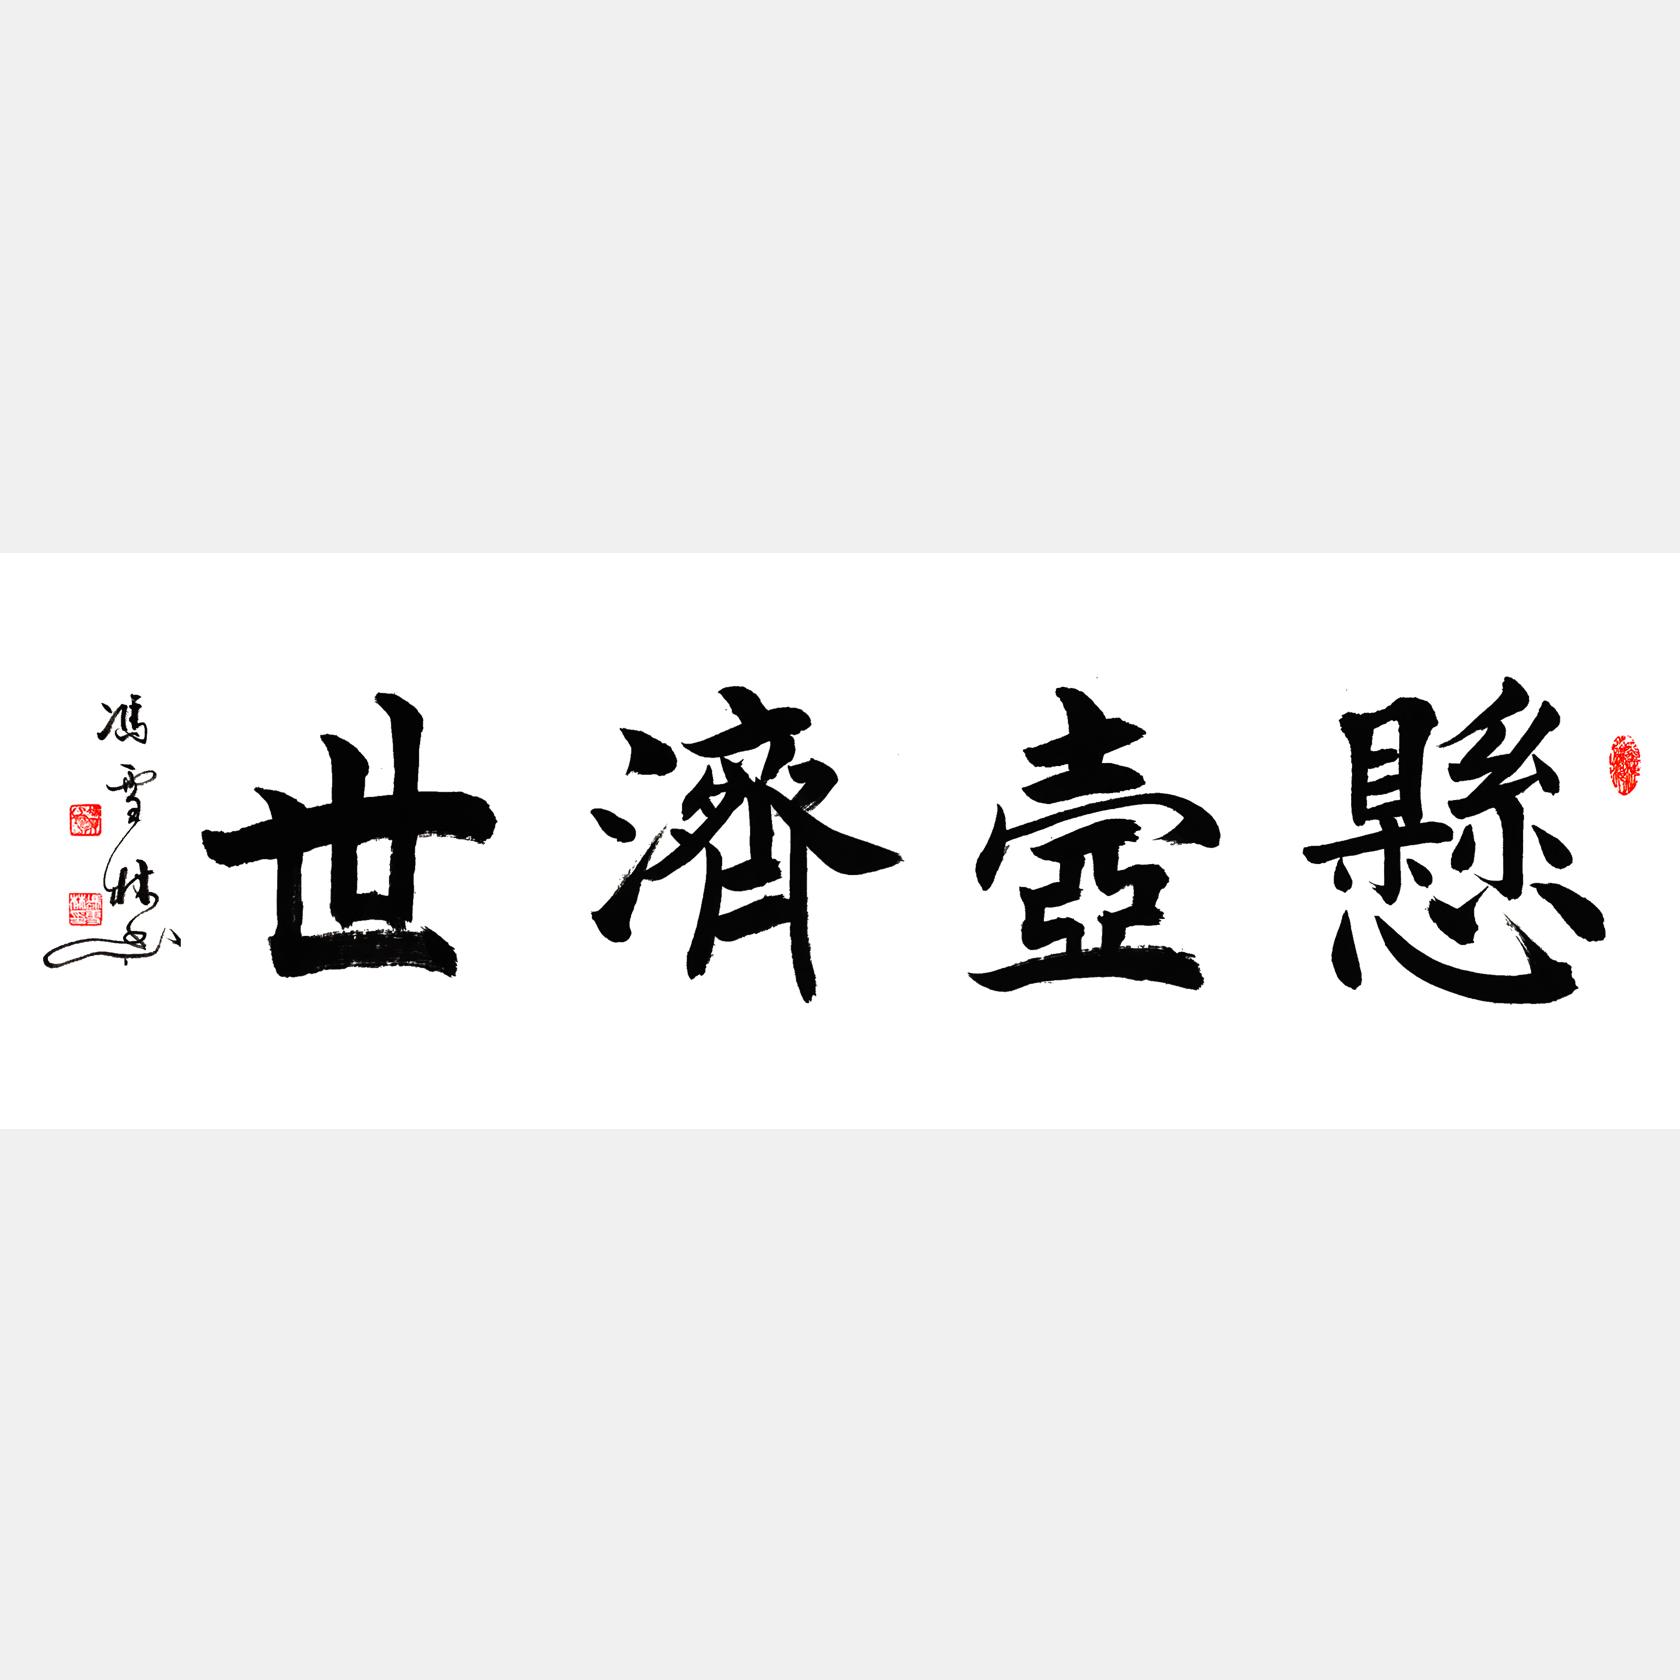 悬壶济世书法字画 楷书书法作品 四尺横幅